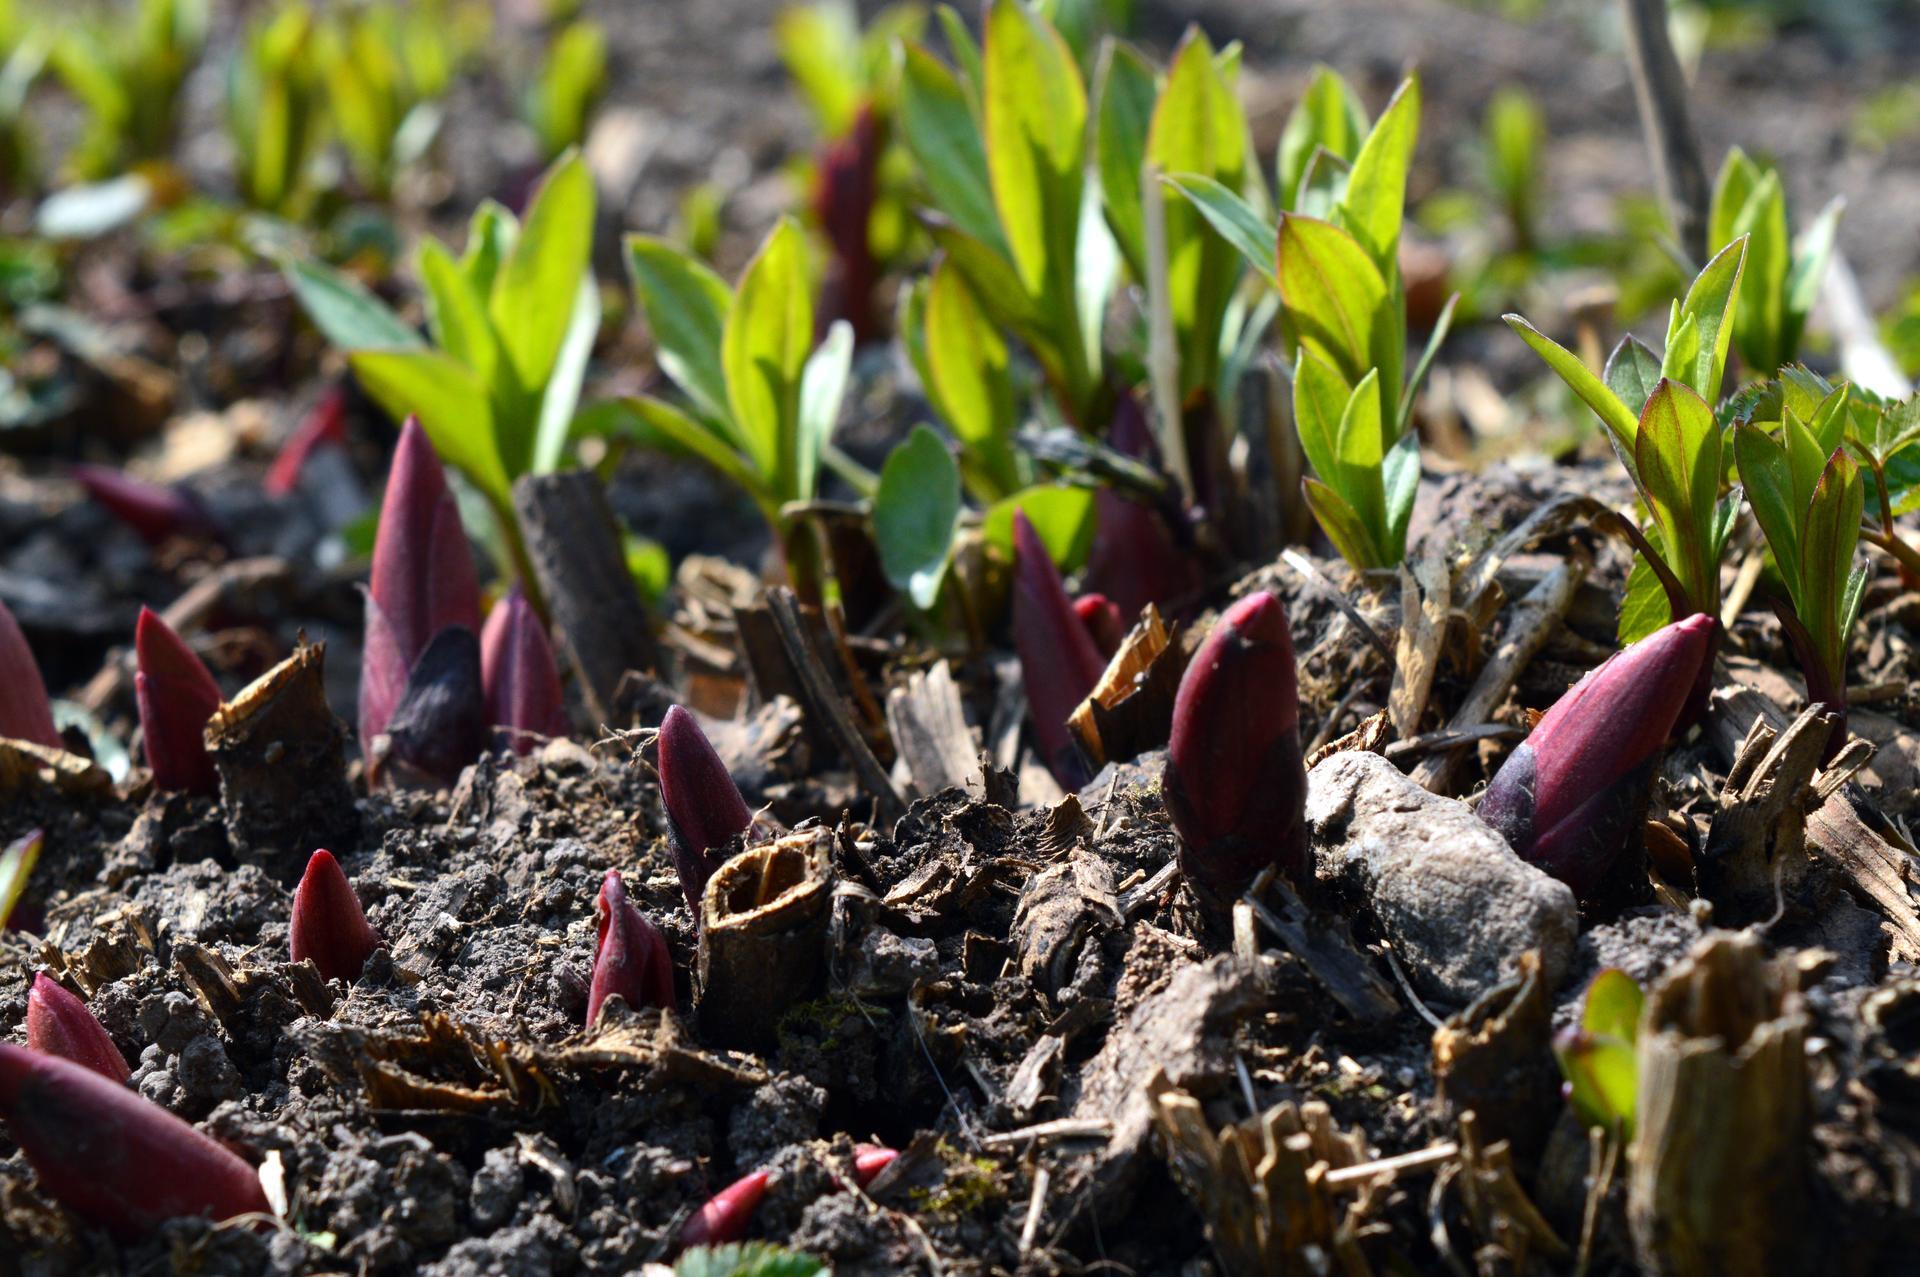 Naša prírodná perma záhradka v roku 2020 - staručká pivonka prerastená mydlicou